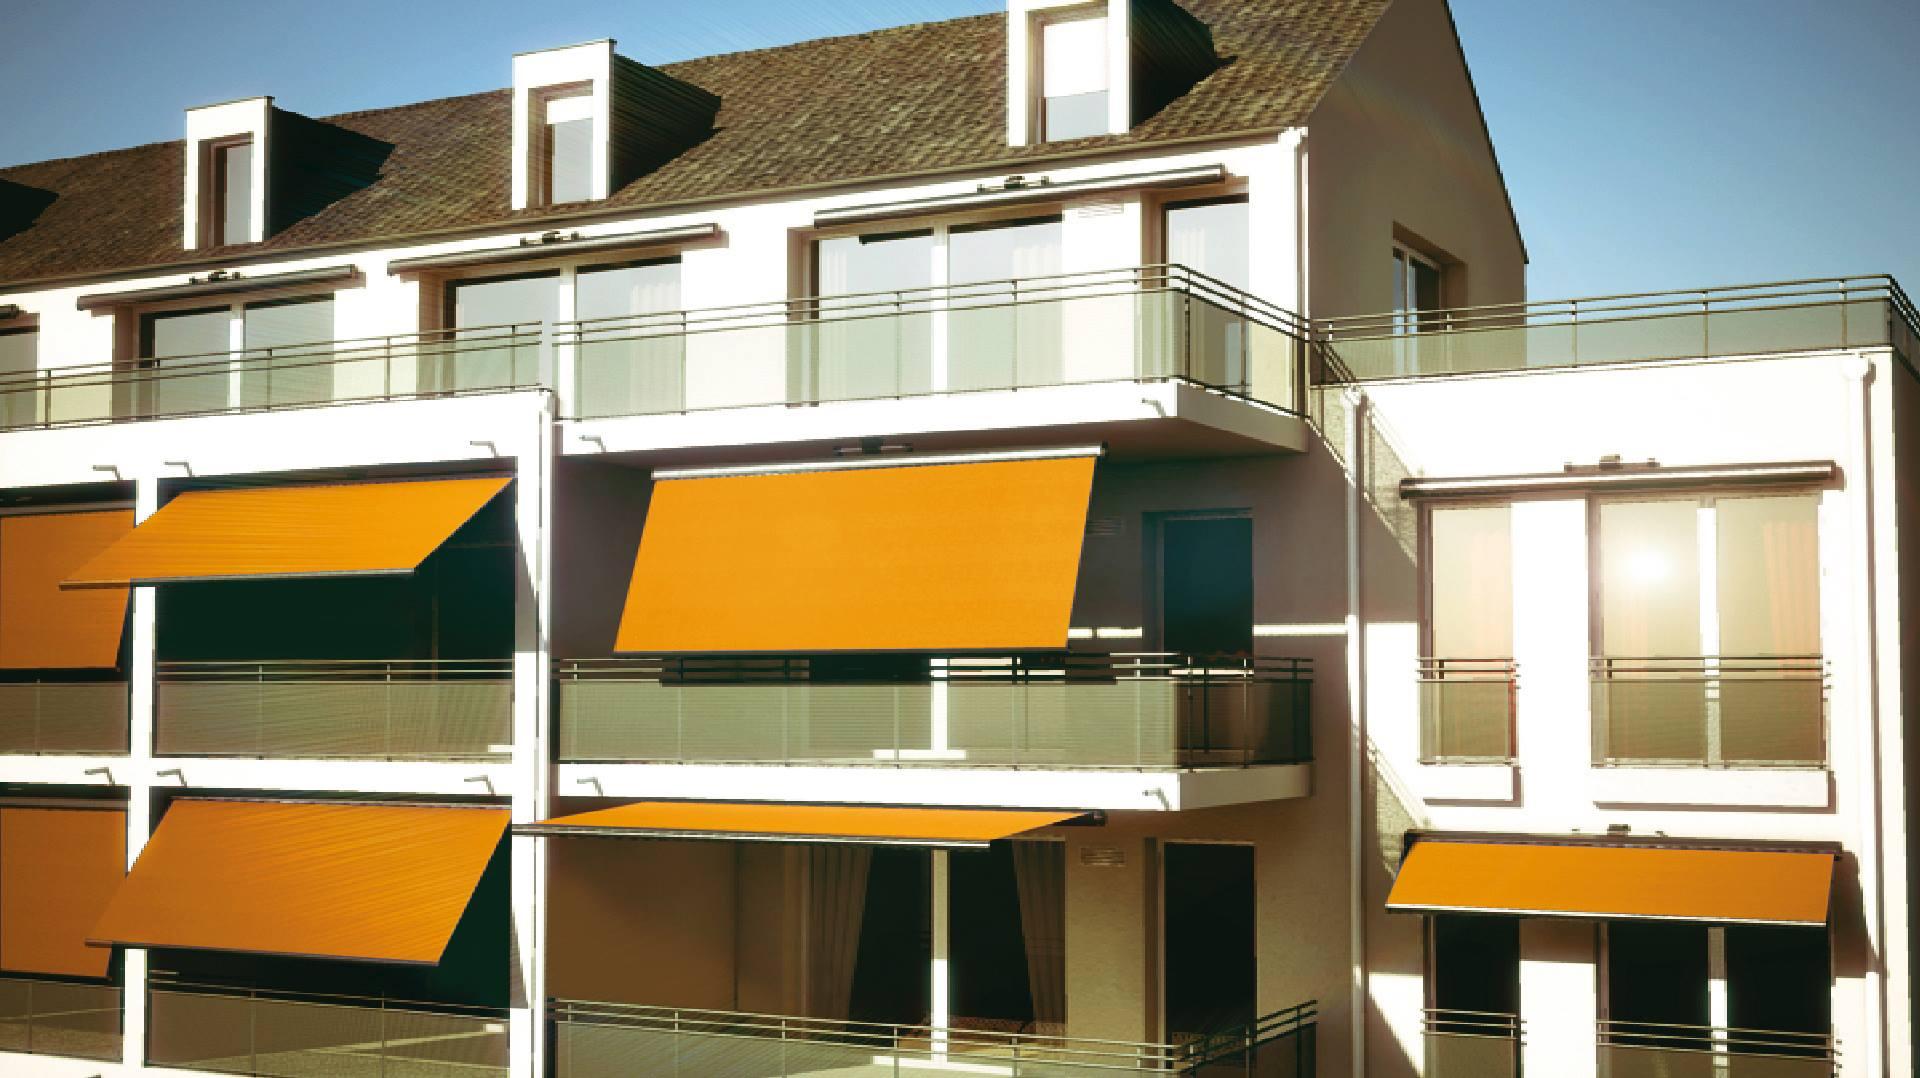 un condominio con vista delle tende arancioni all'esterno